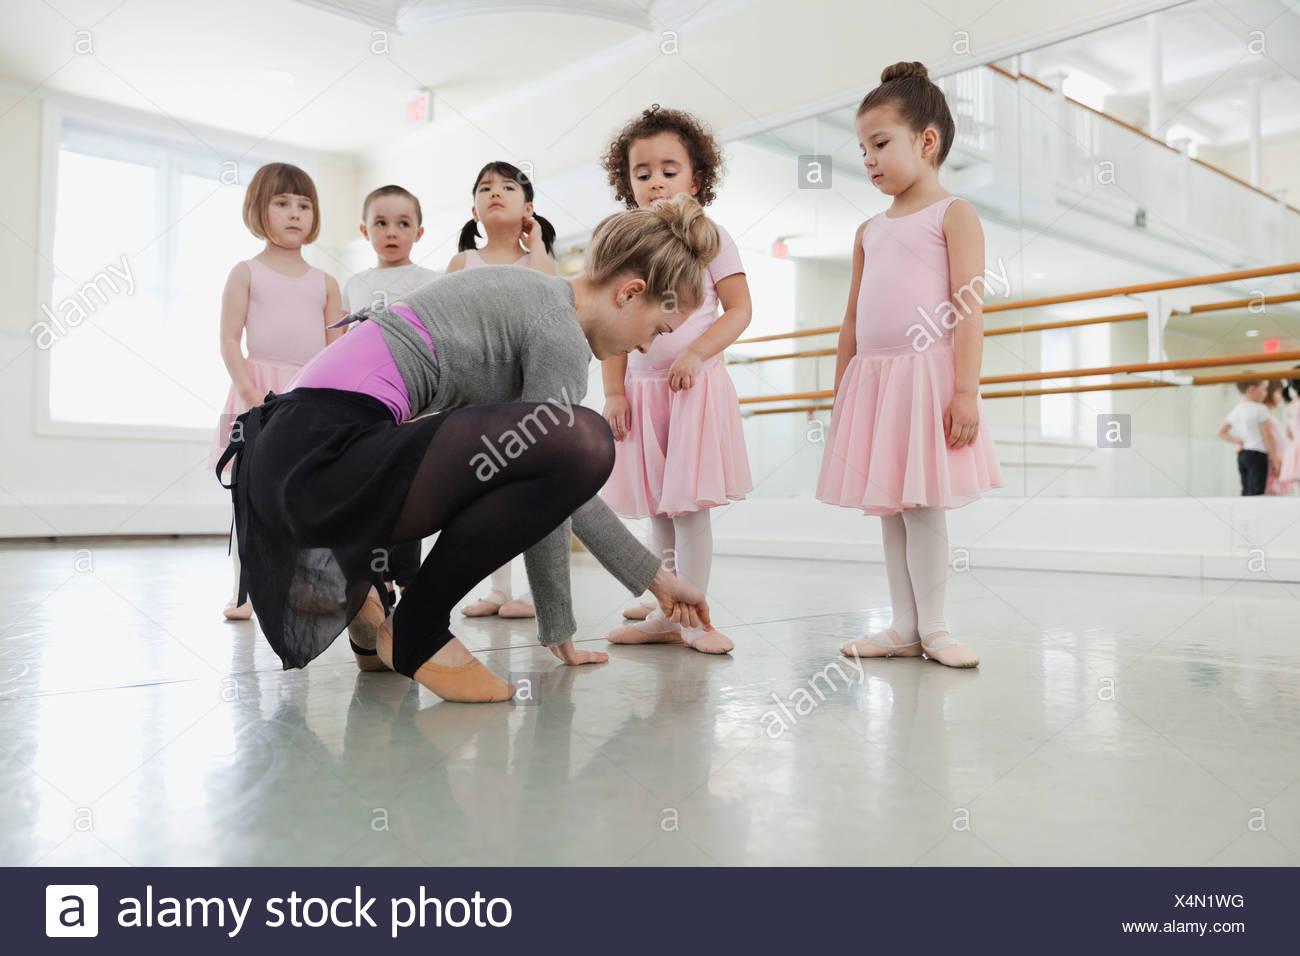 Female ballet instructor teaching children in ballet studio - Stock Image